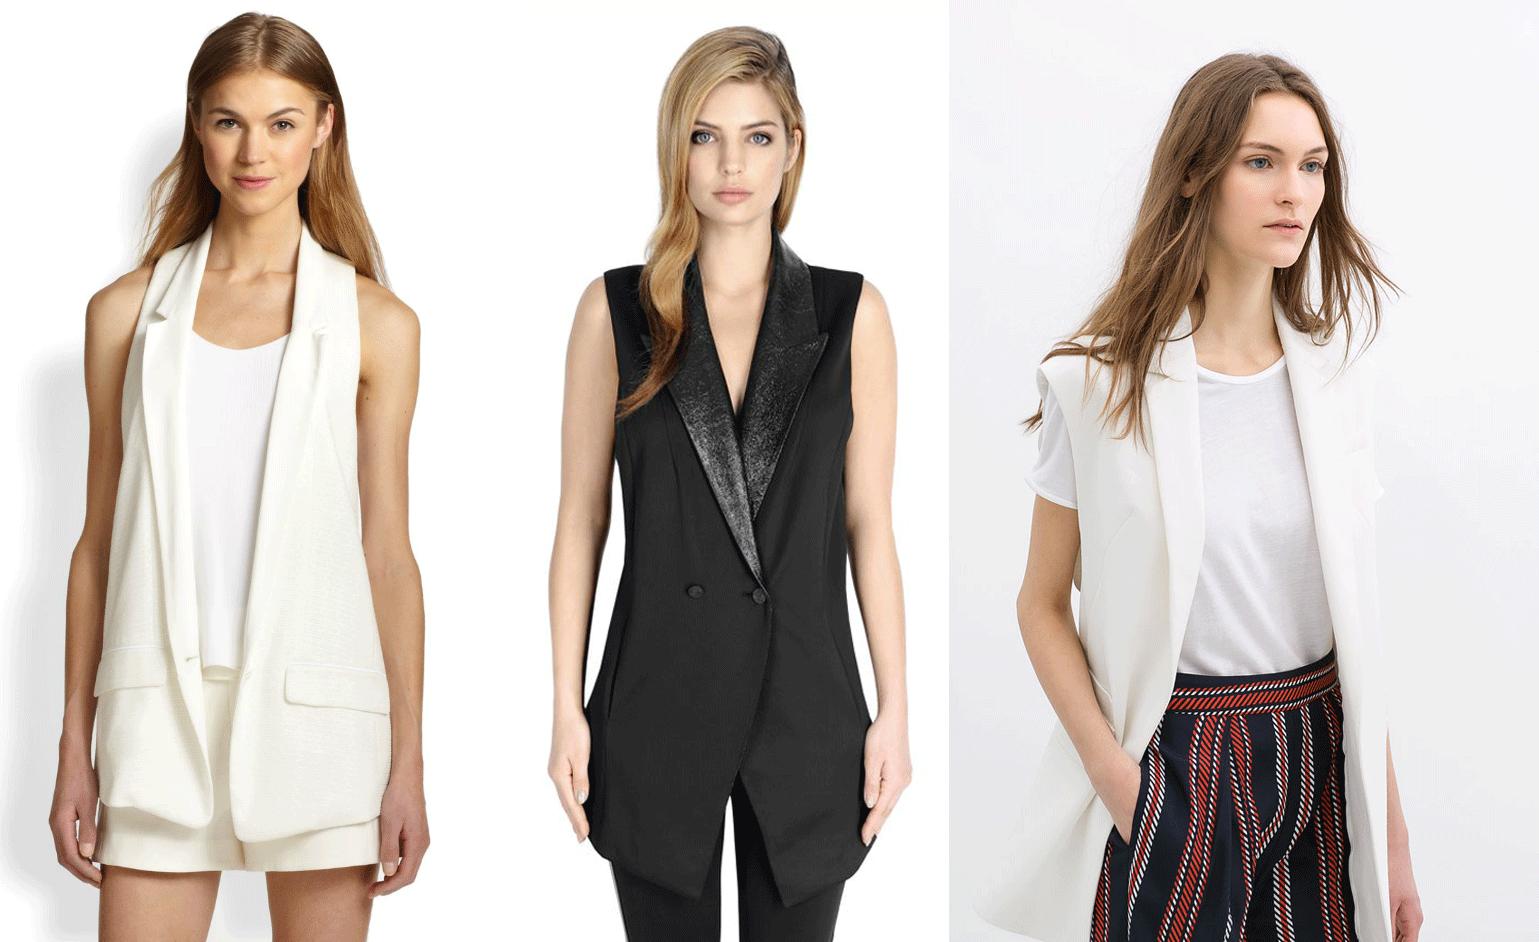 Spring fashion trend 2014 : vests